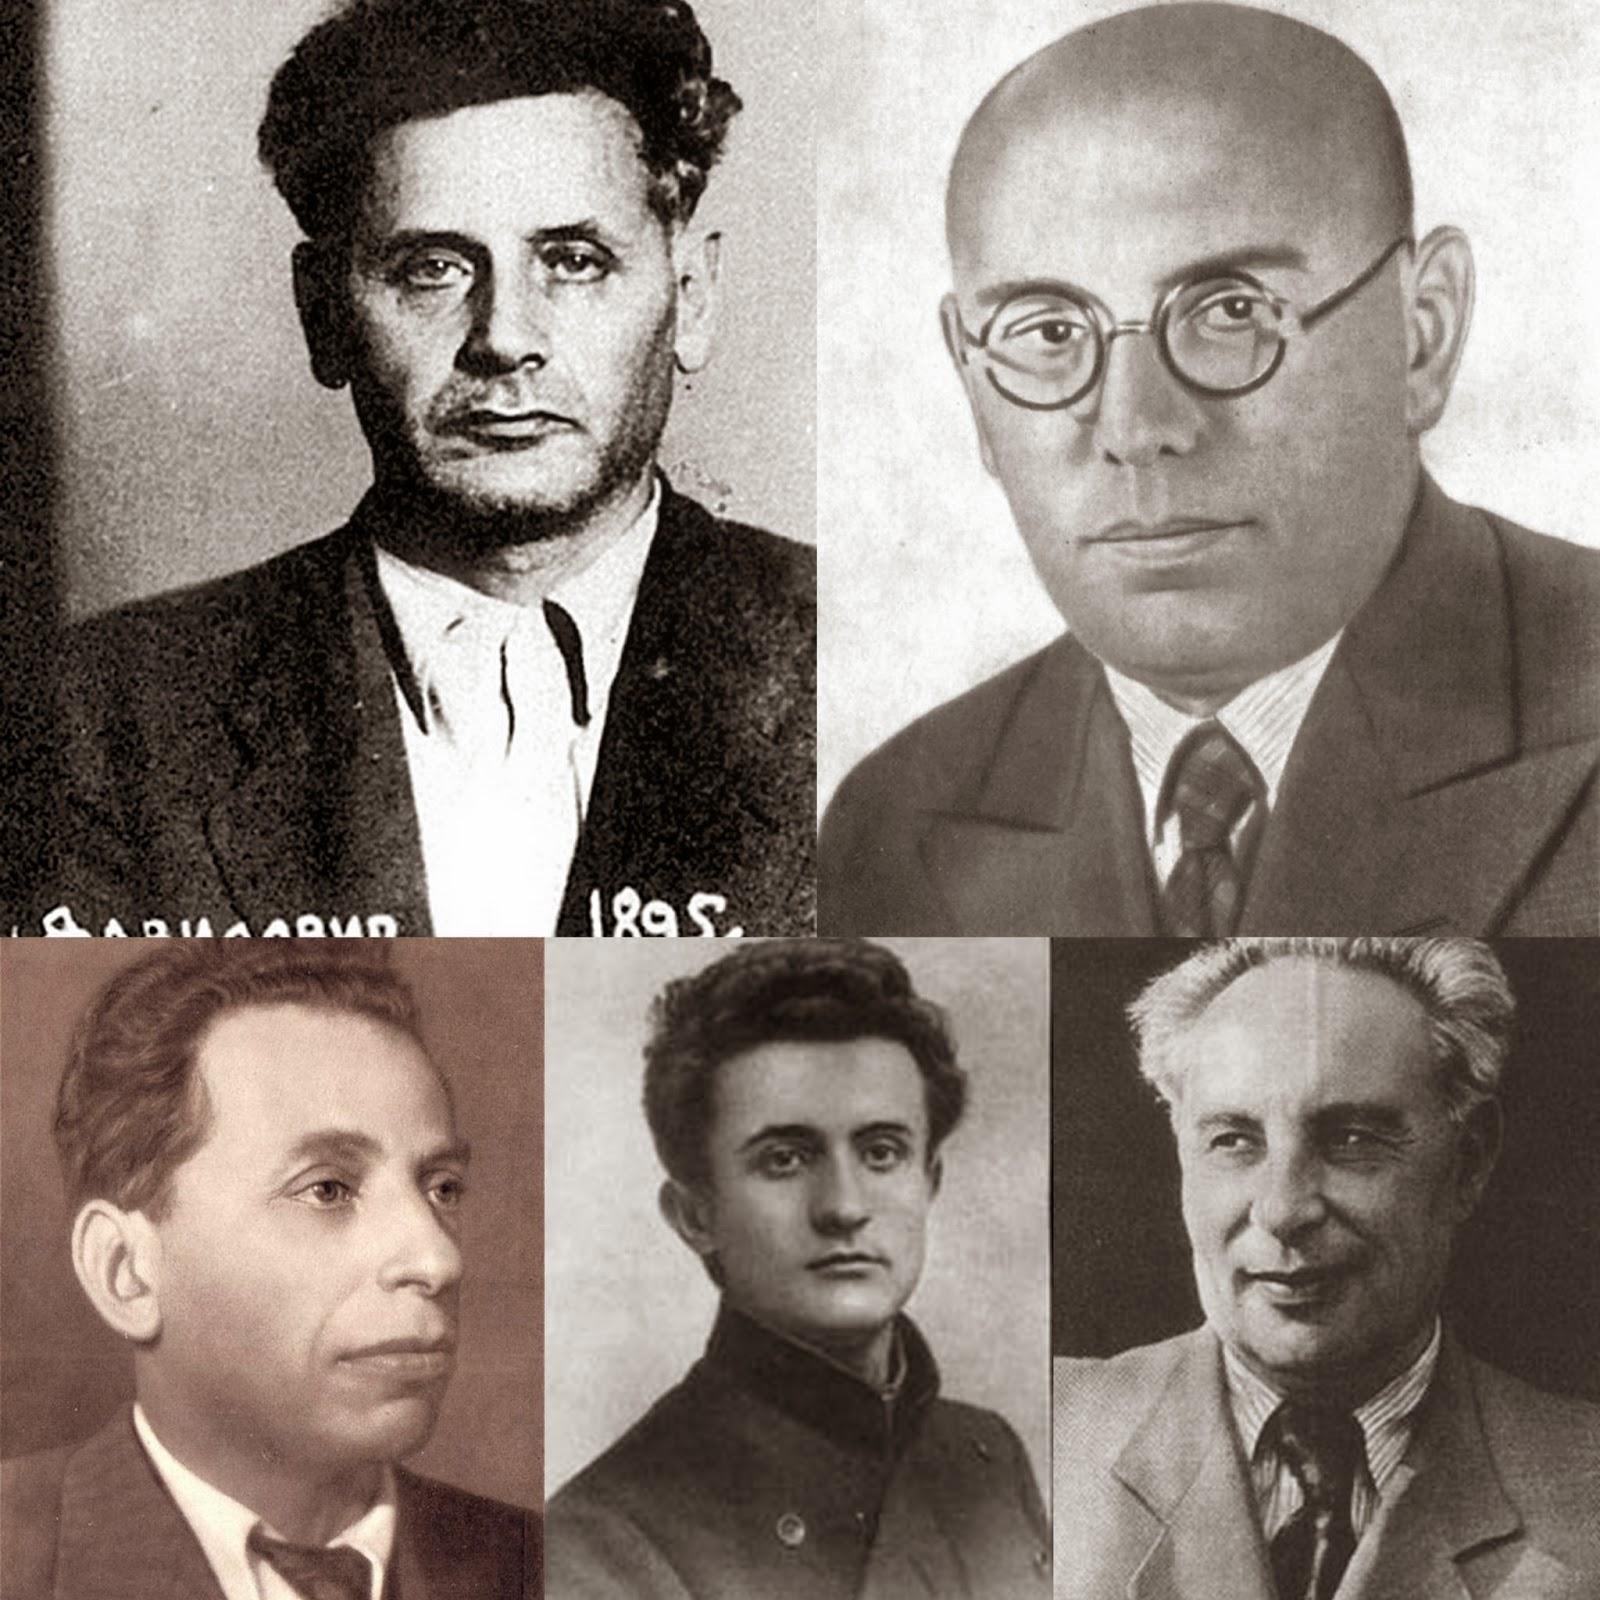 Bildergebnis für David Bergelson, Peretz Markish, Leib Kvitko, Solomon Lozovsky